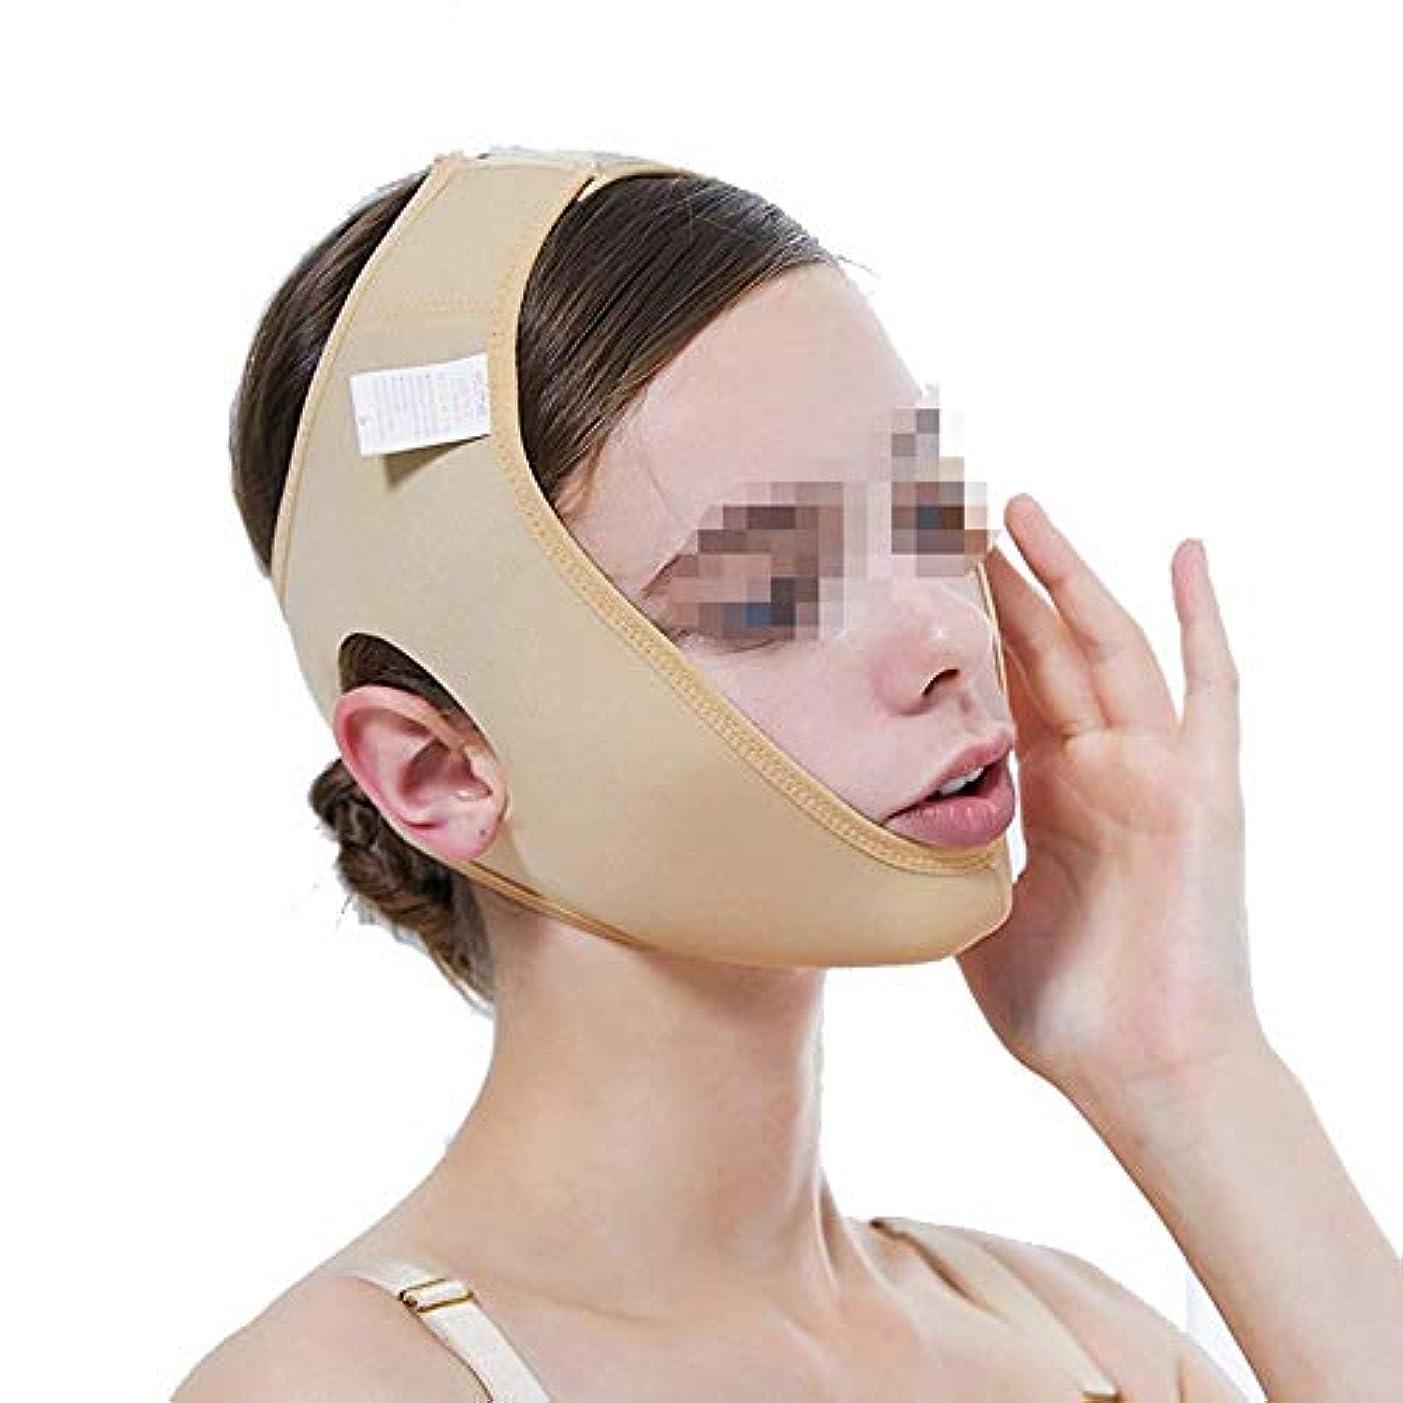 術後ヘッドギア、薄型ダブルあごVフェイスビームフェイスジョーセットフェイスマスクマルチサイズオプション(サイズ:XS),L